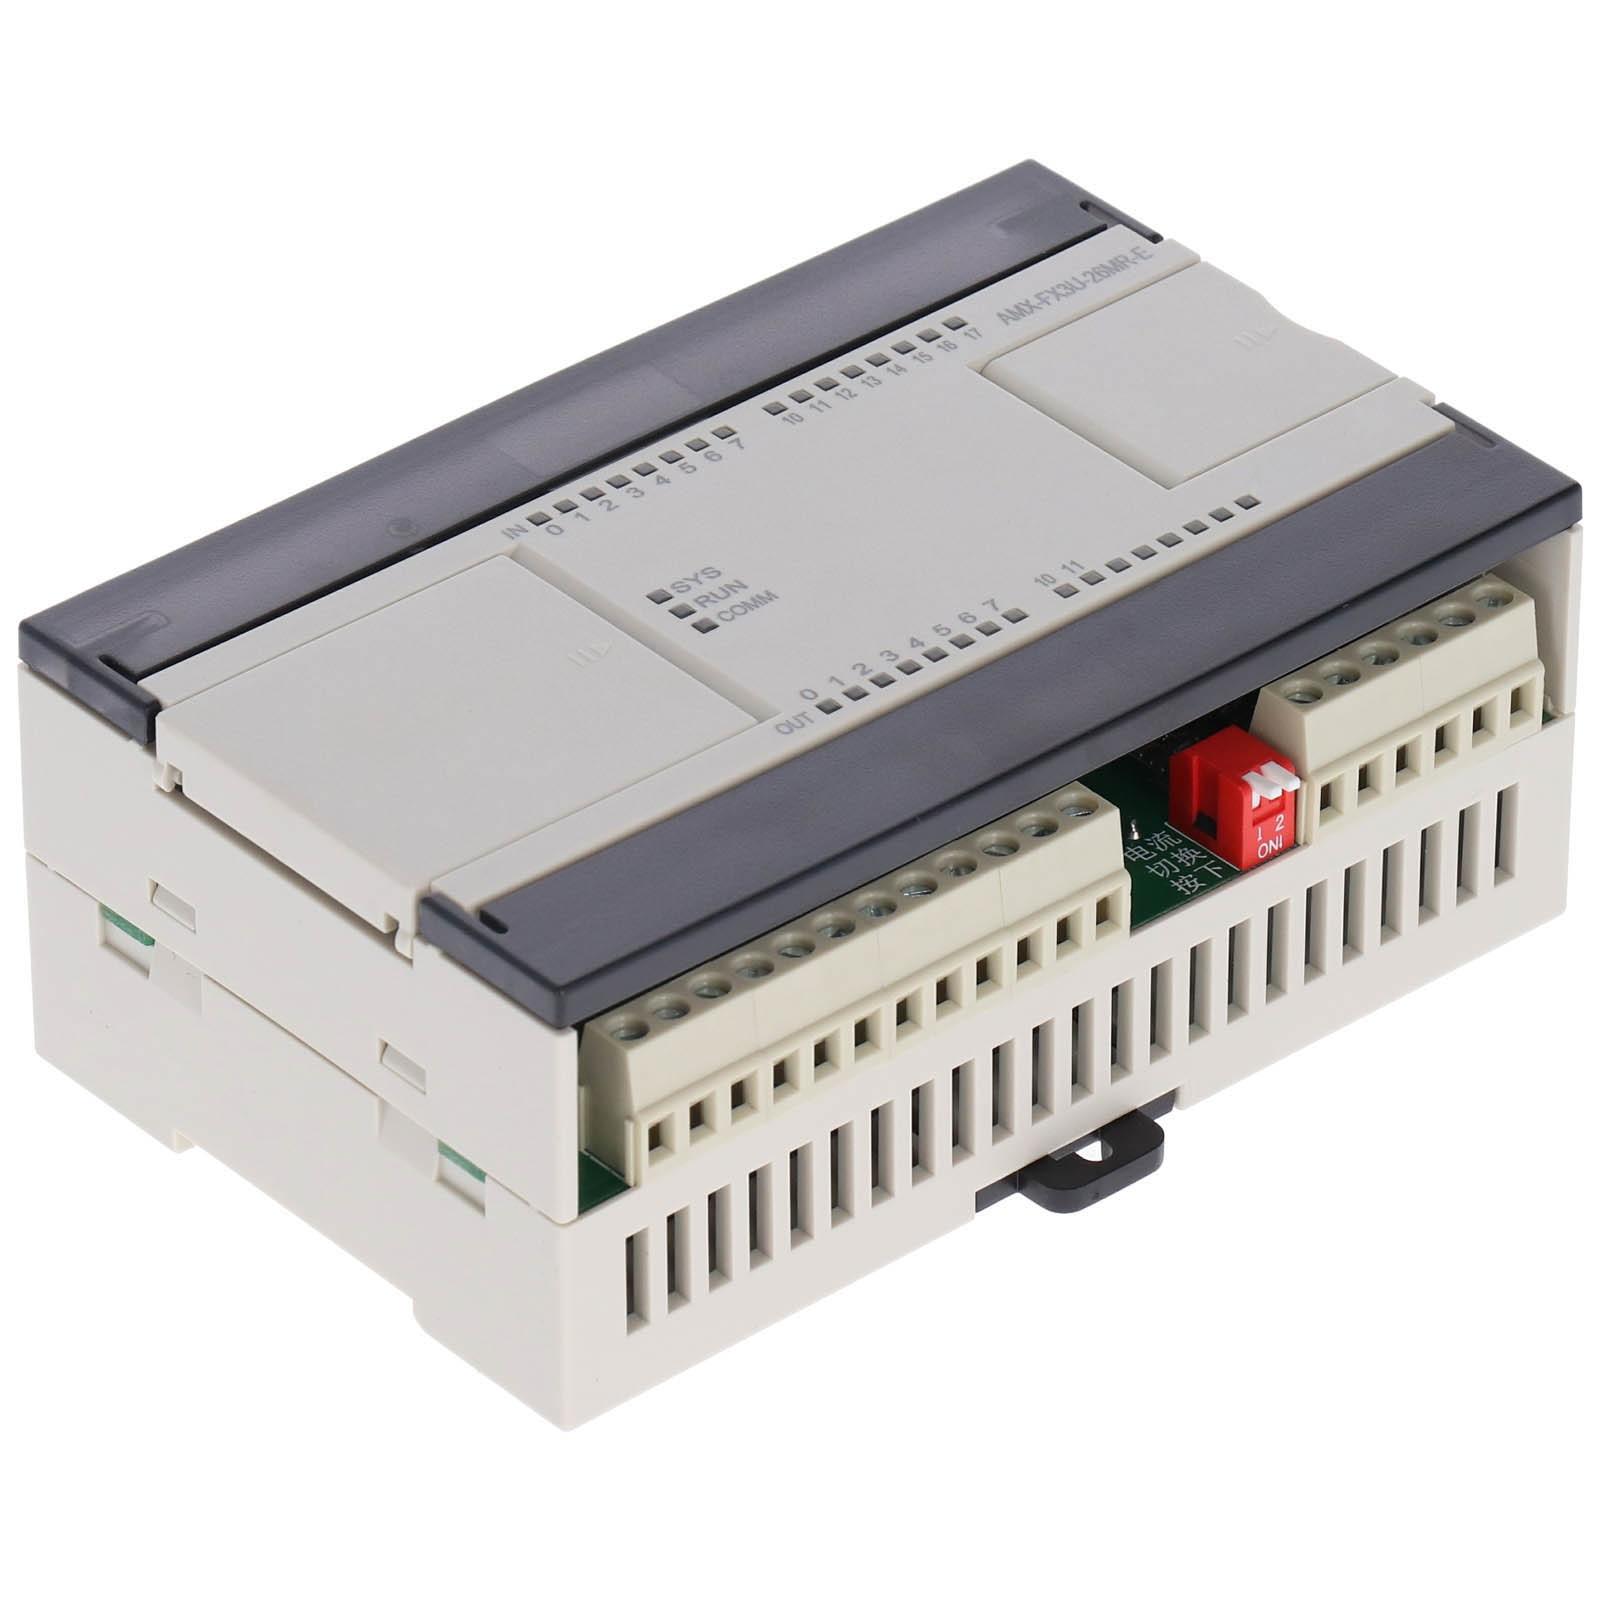 ادوات تحكم قابلة للبرمجة PLC AMX-FX3U-26MR-E التتابع مع منفذ إيثرنت التناظرية DC24V للبرمجة تحكم التحكم الصناعي بو